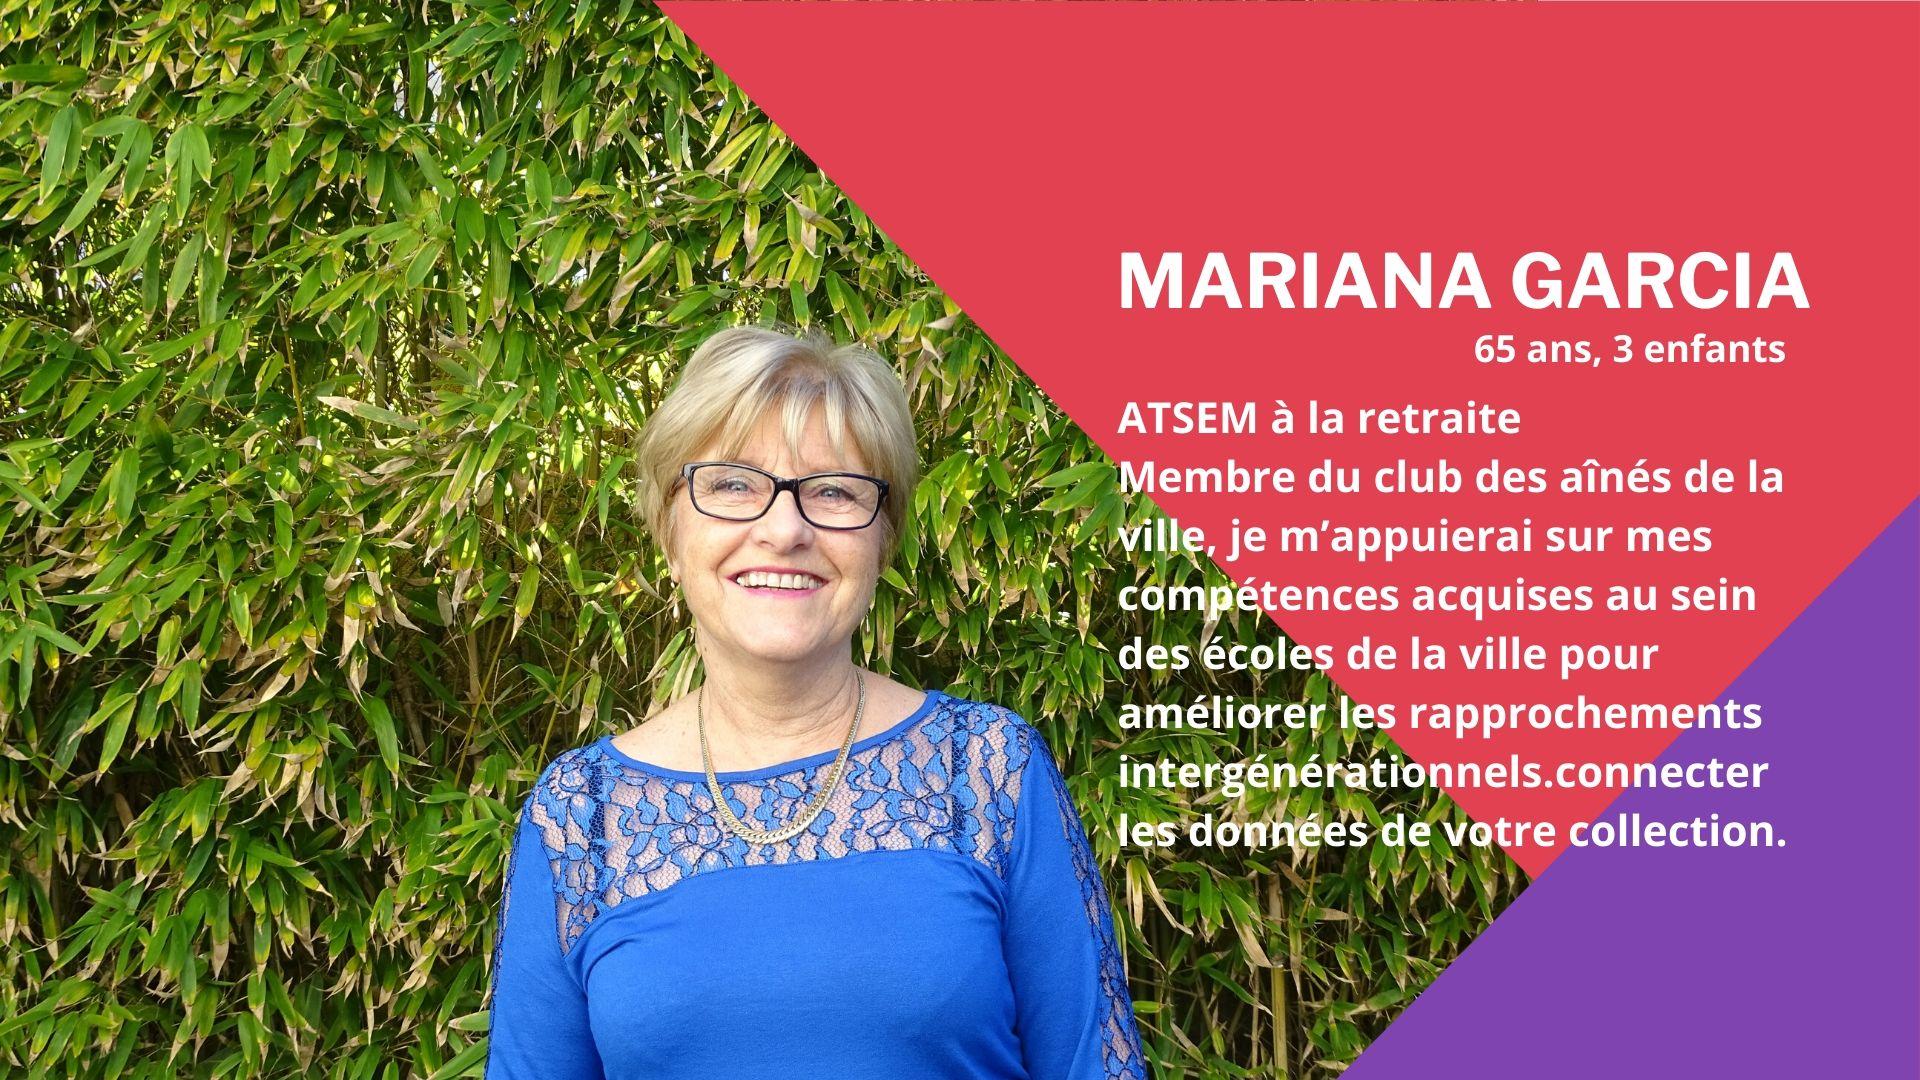 Le Revivre - Mariana Garcia